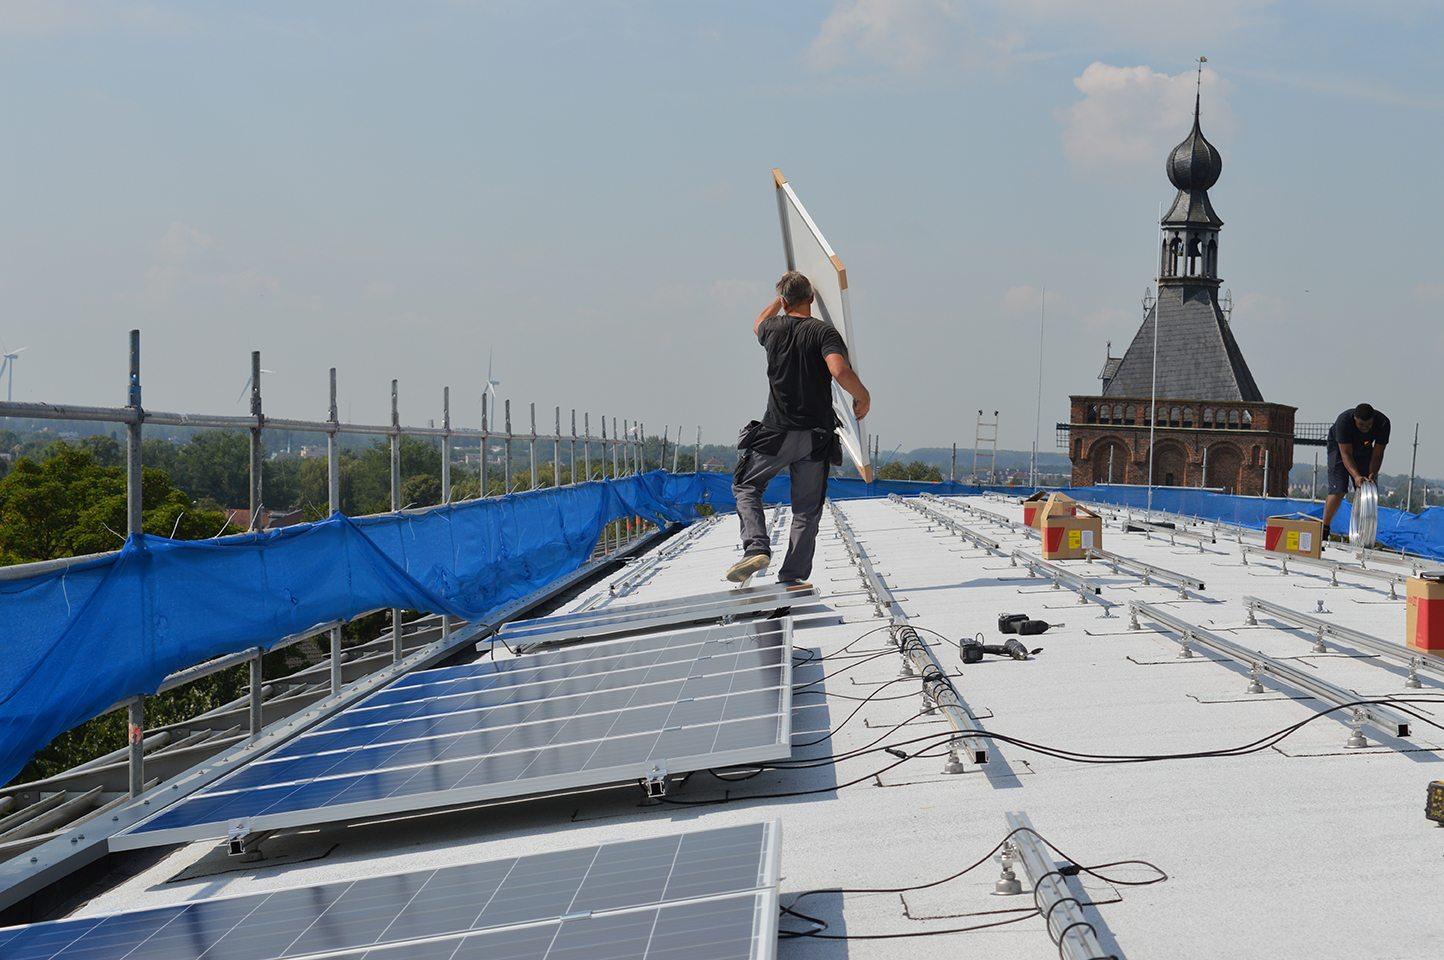 Bevestiging zonnepanelen op een schuin bitumen dak